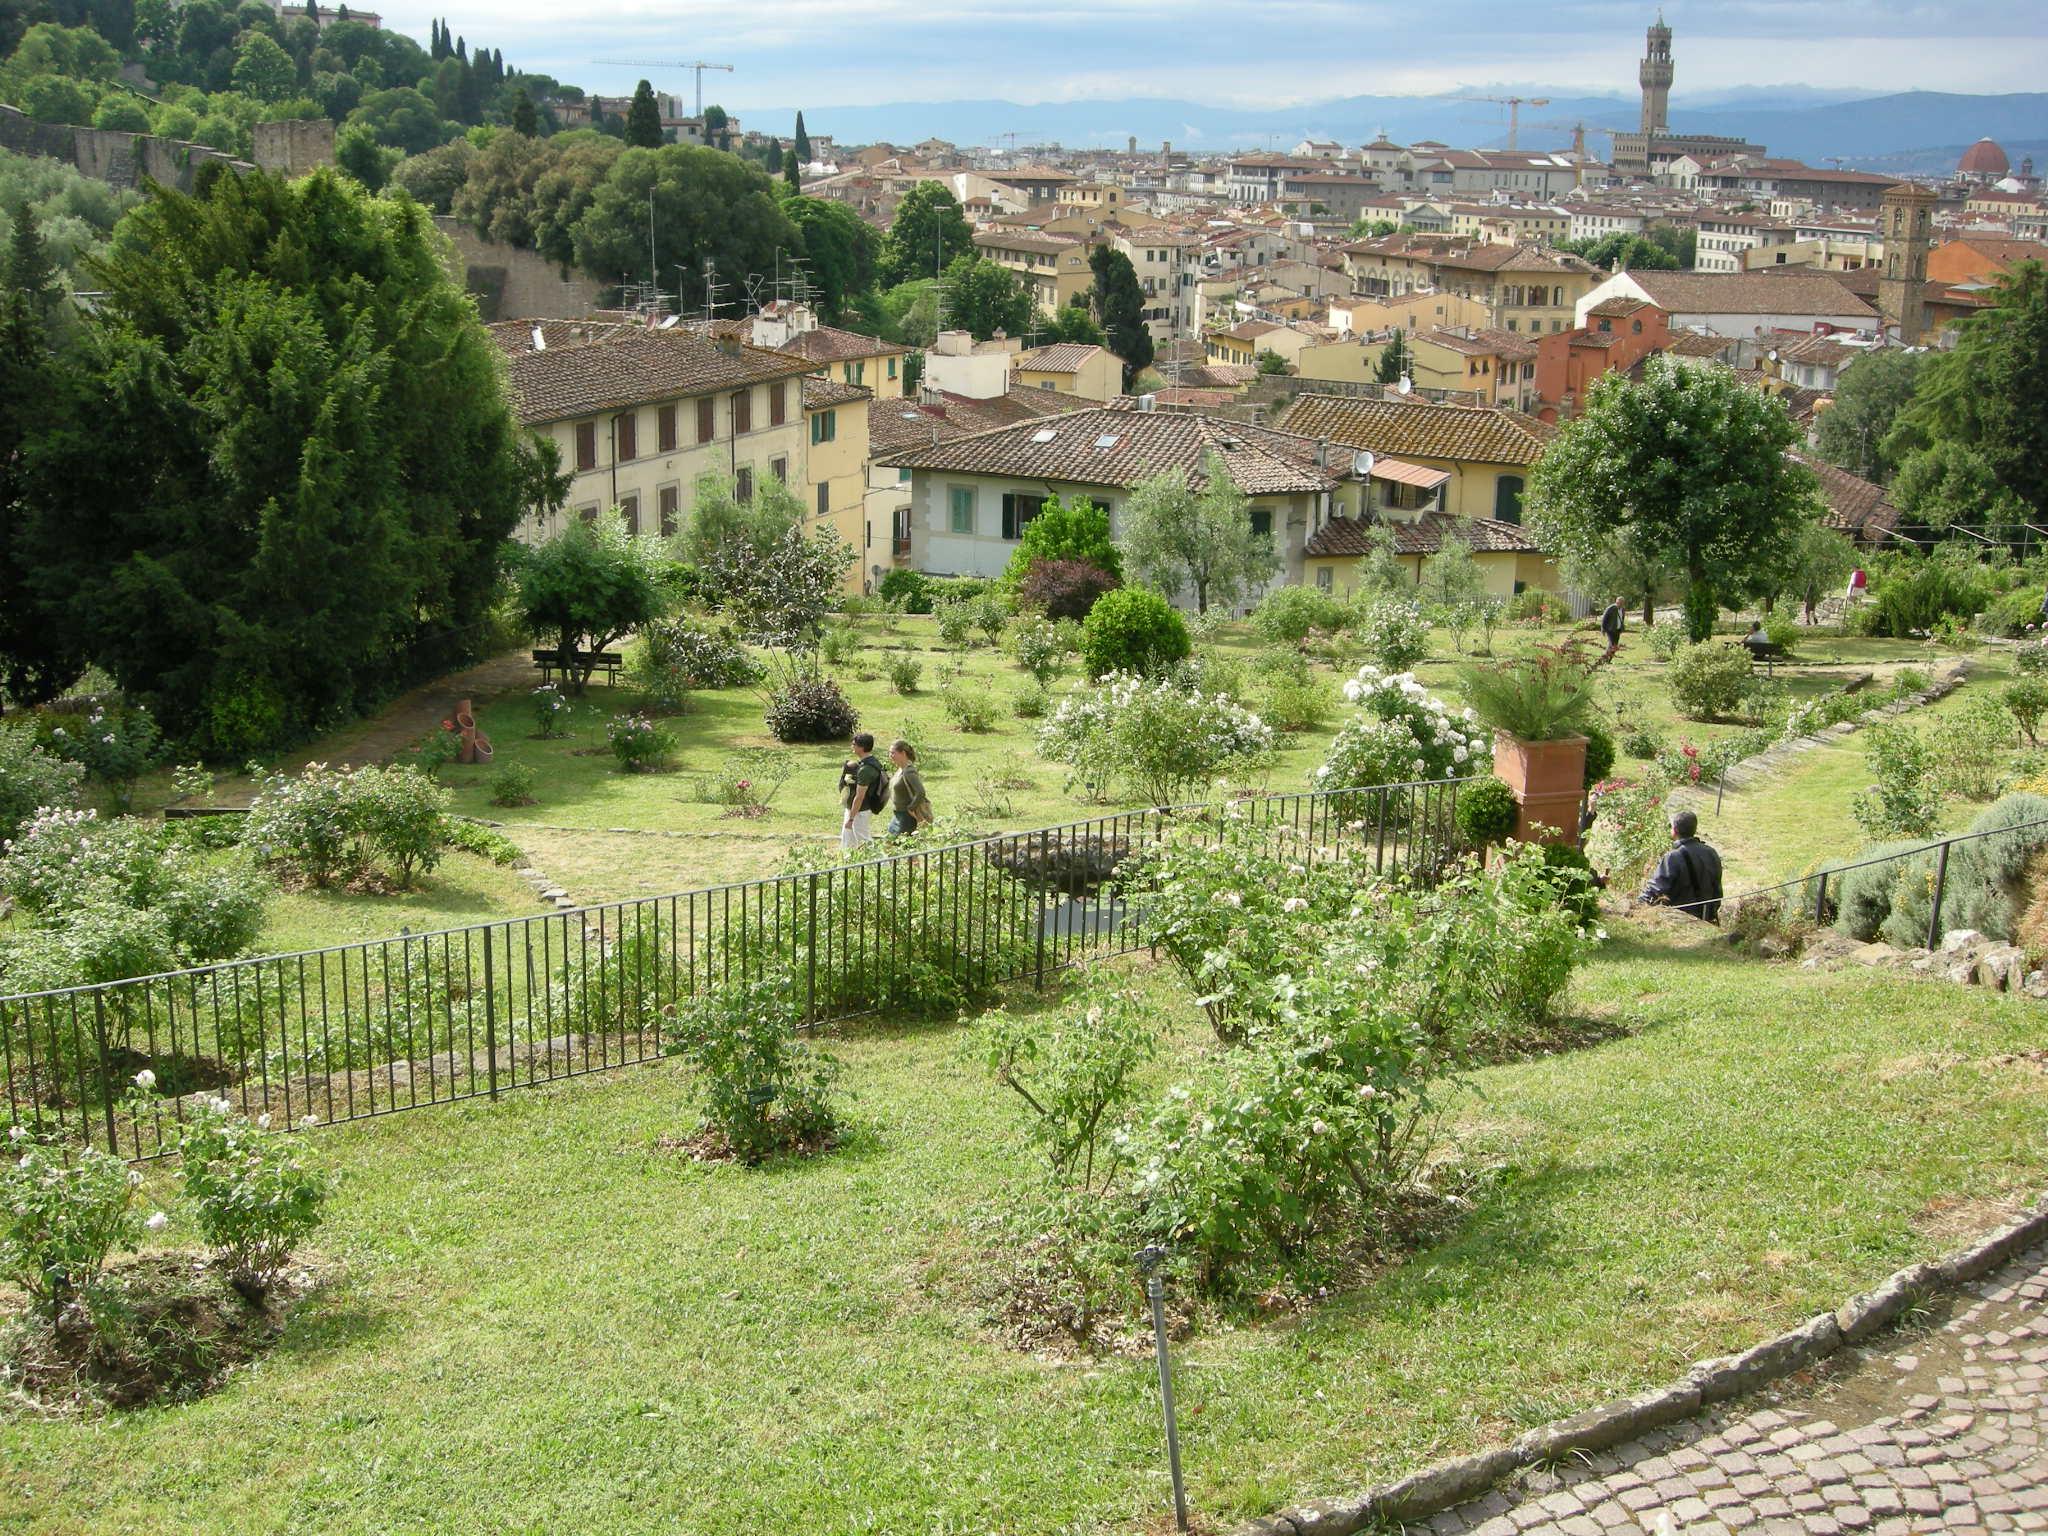 File giardino delle rose di firenze 07 jpg wikimedia commons - Giardino delle rose firenze ...